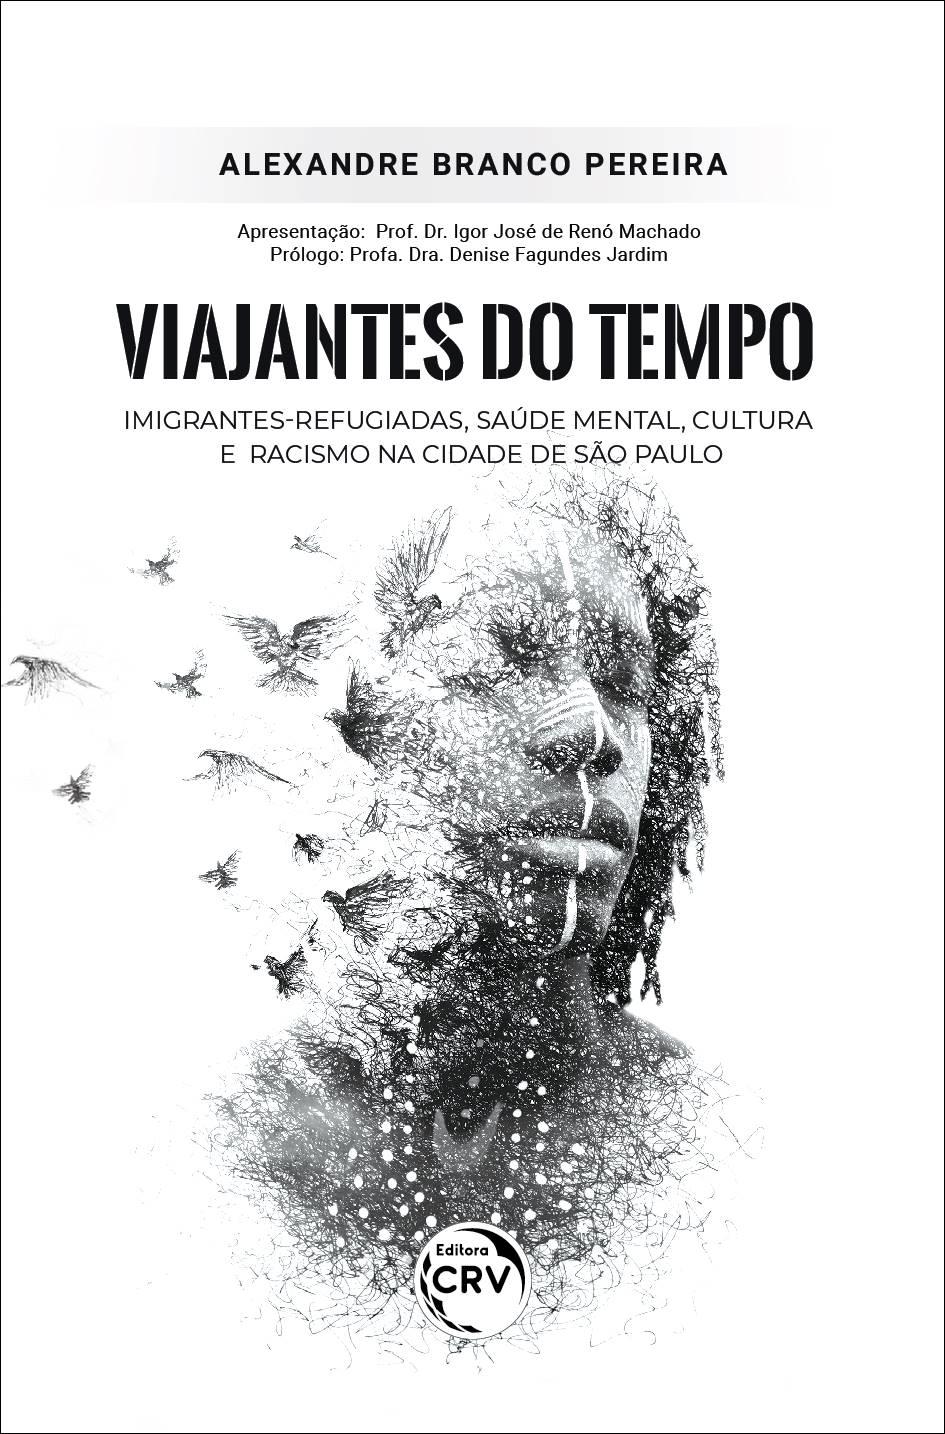 Capa do livro: VIAJANTES DO TEMPO:<br> imigrantes-refugiadas, saúde mental, cultura e racismo na cidade de São Paulo